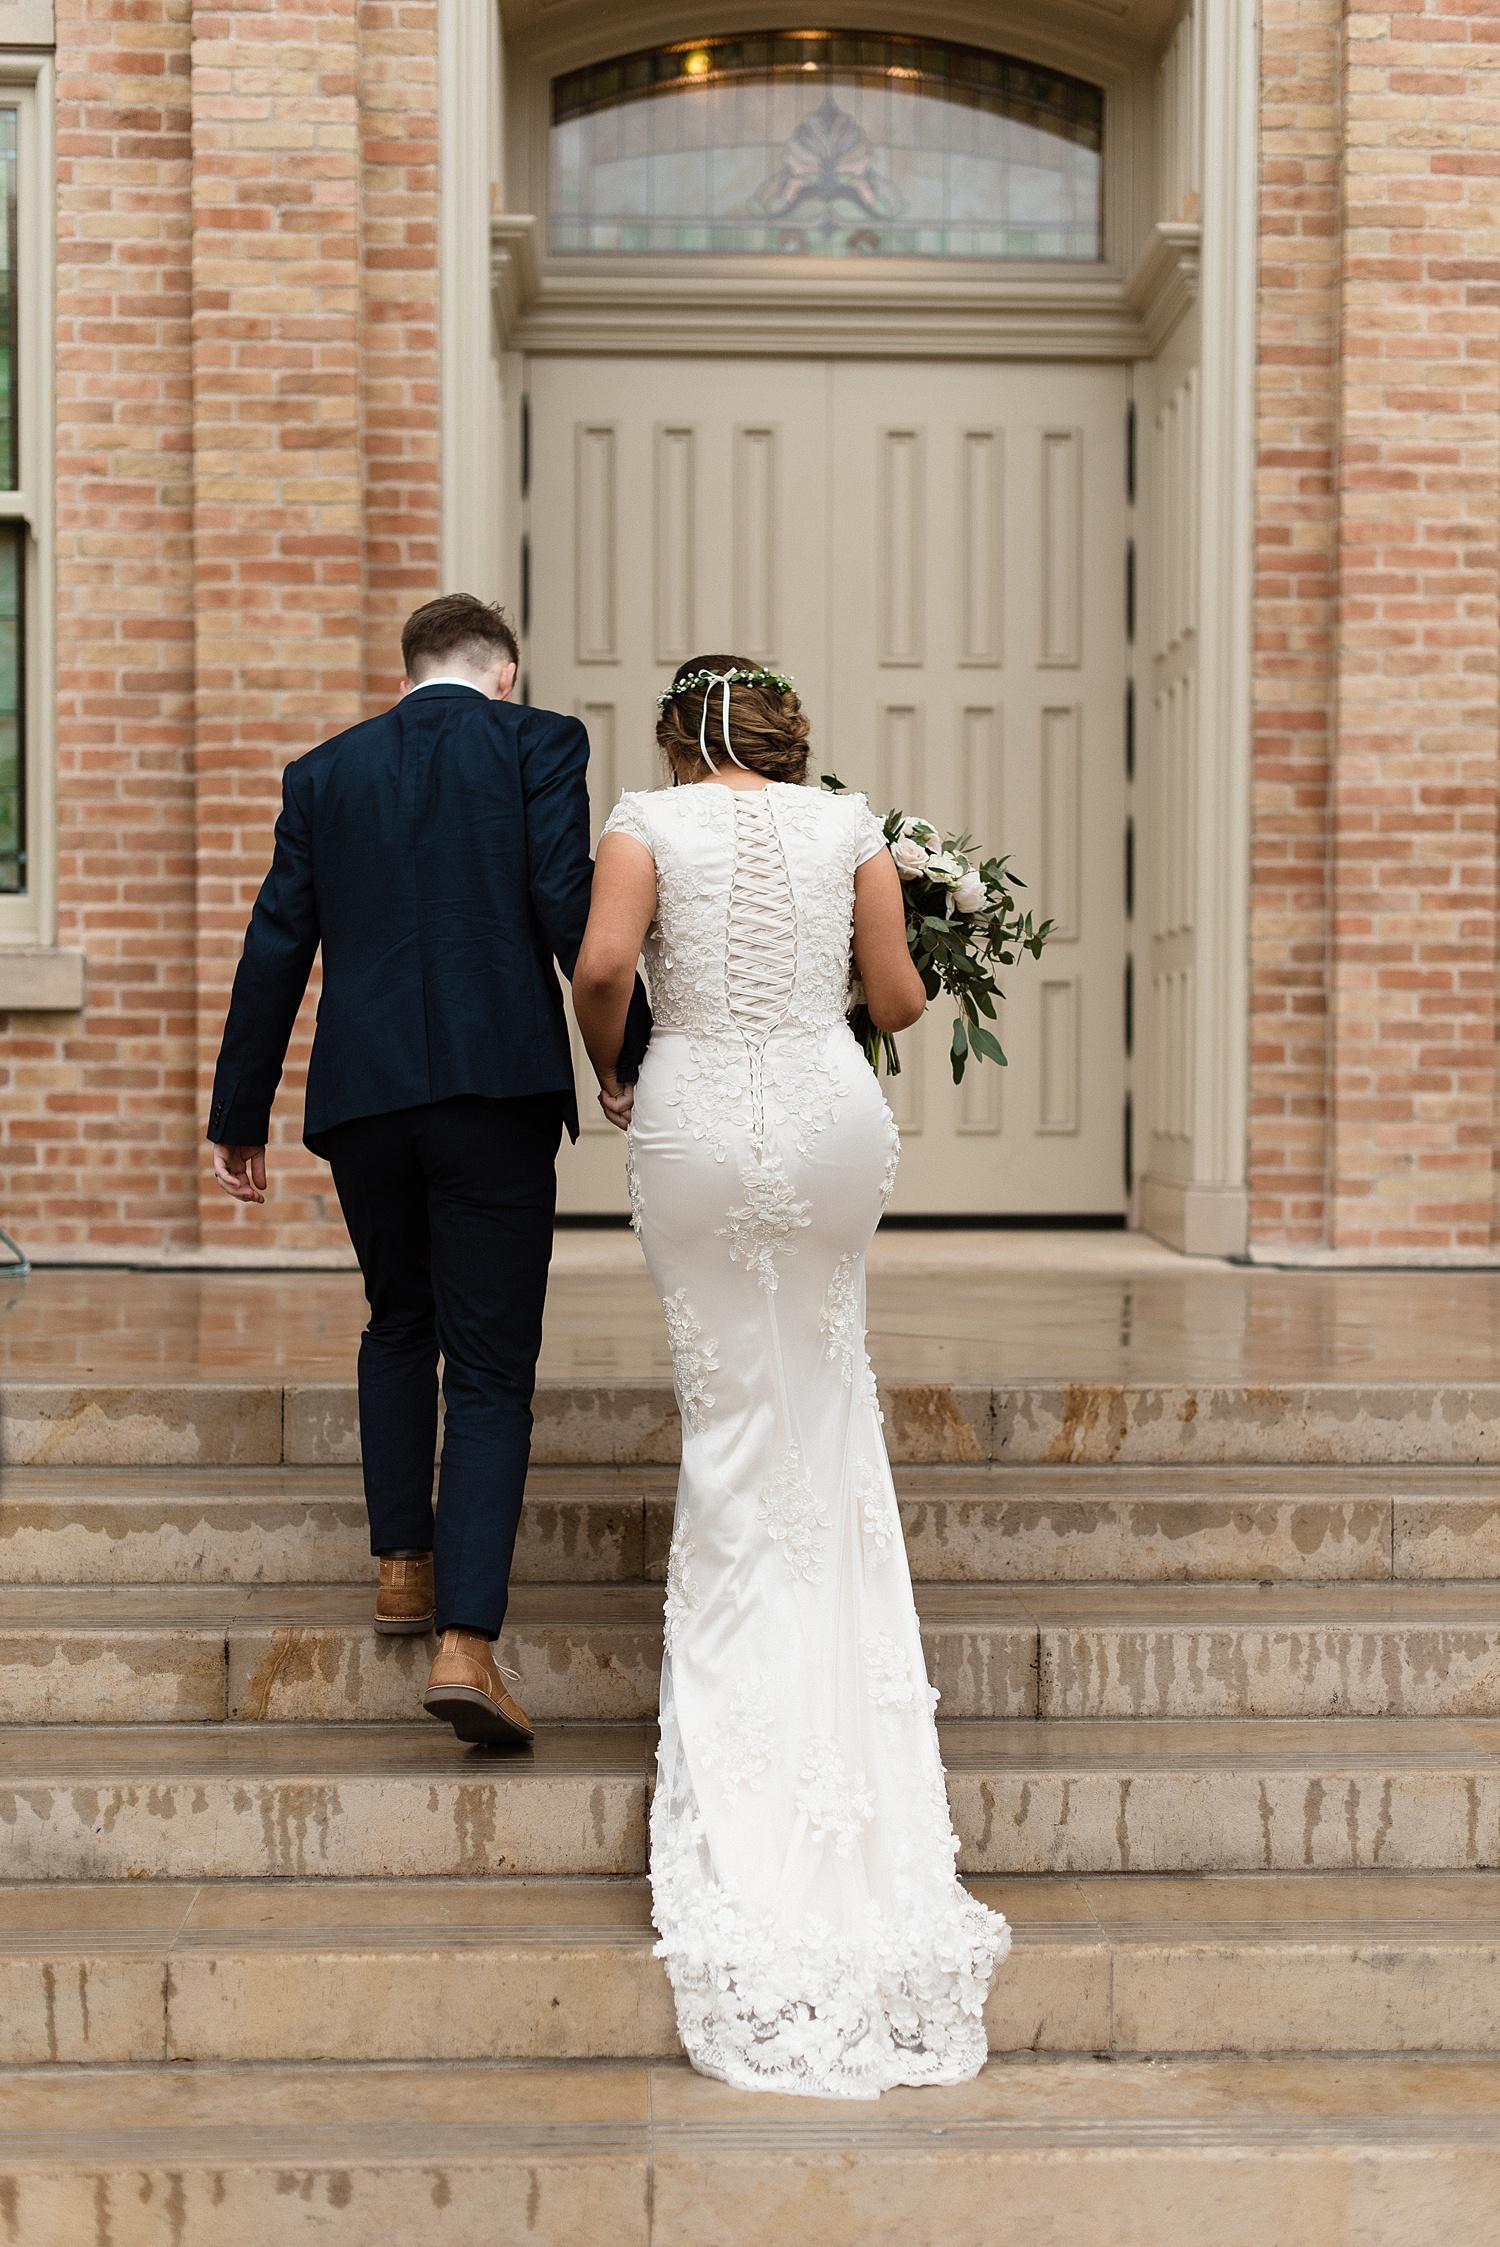 Zandra Barriga Photo - Dallas and Megan Wedding_0017.jpg